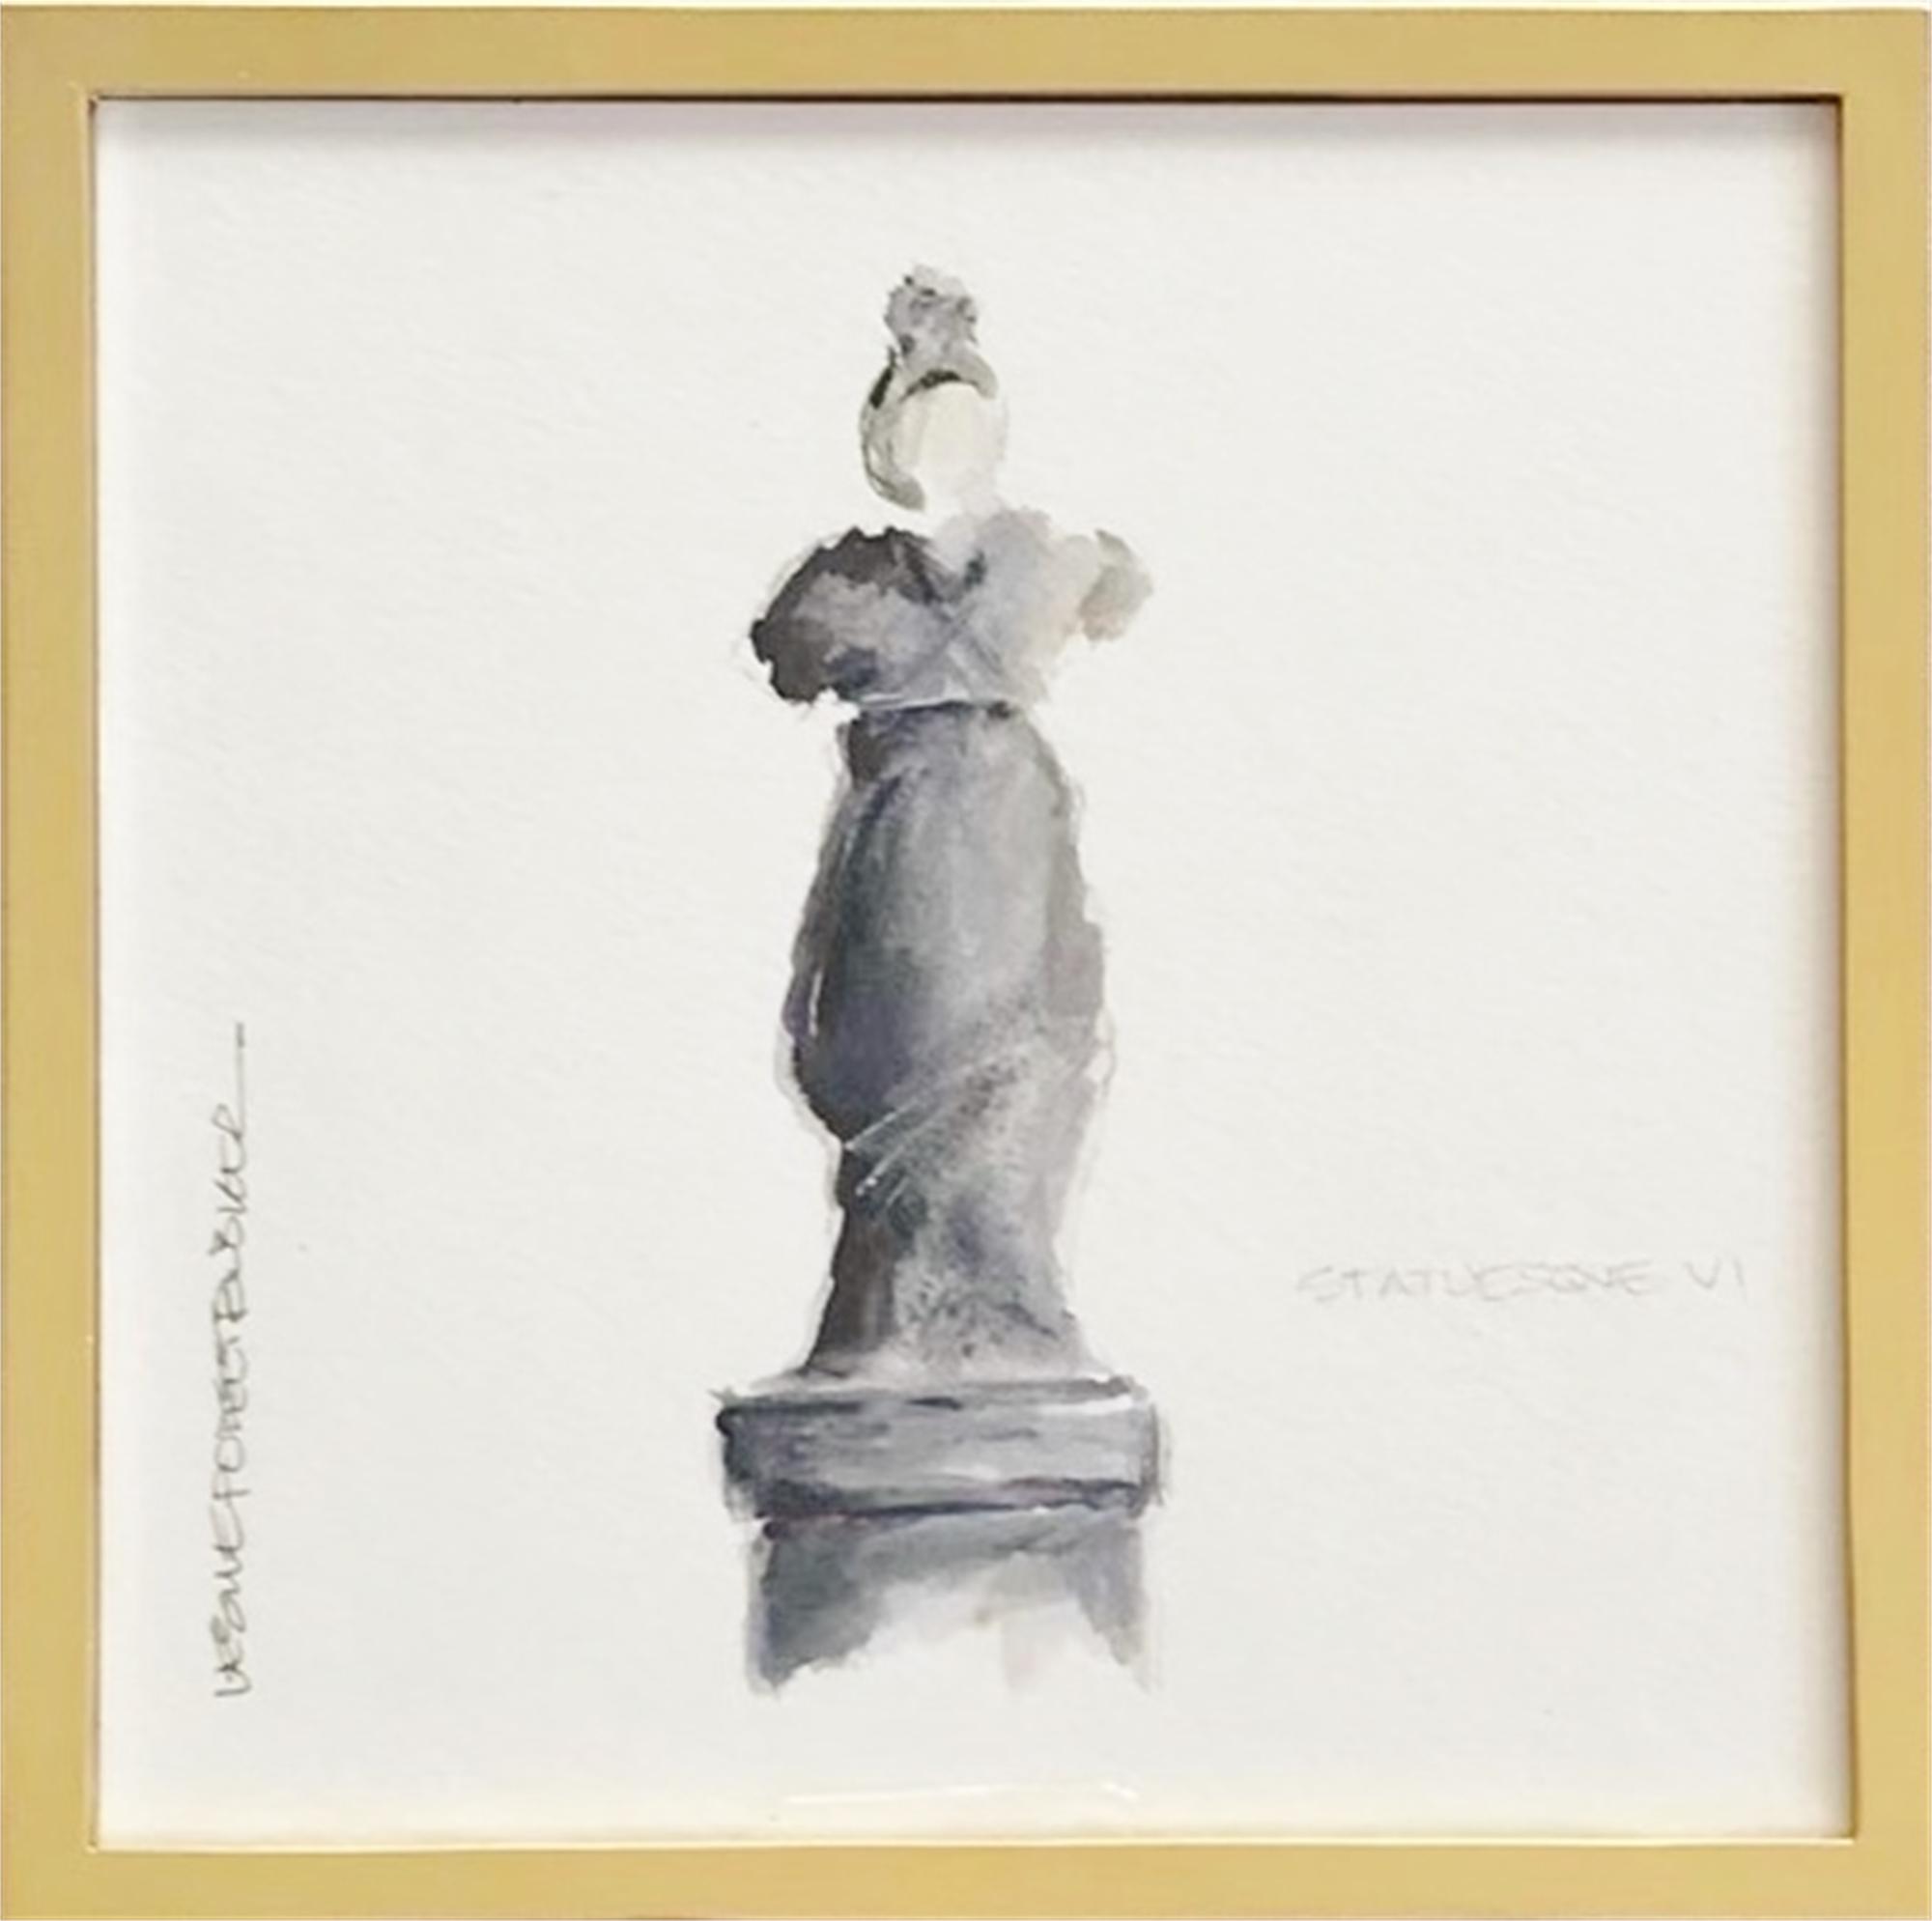 Statuesque VI by Leslie Poteet Busker